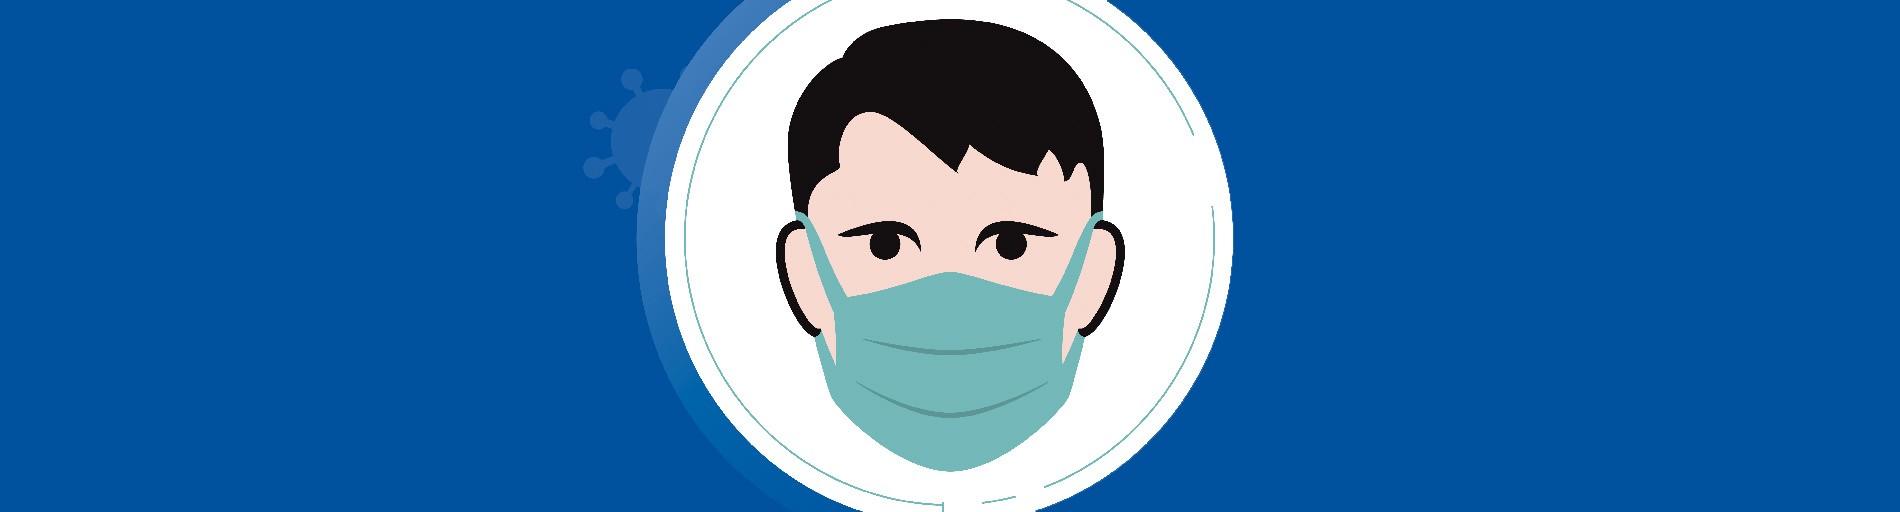 Les nouvelles mesures sanitaires de prévention à Montereau